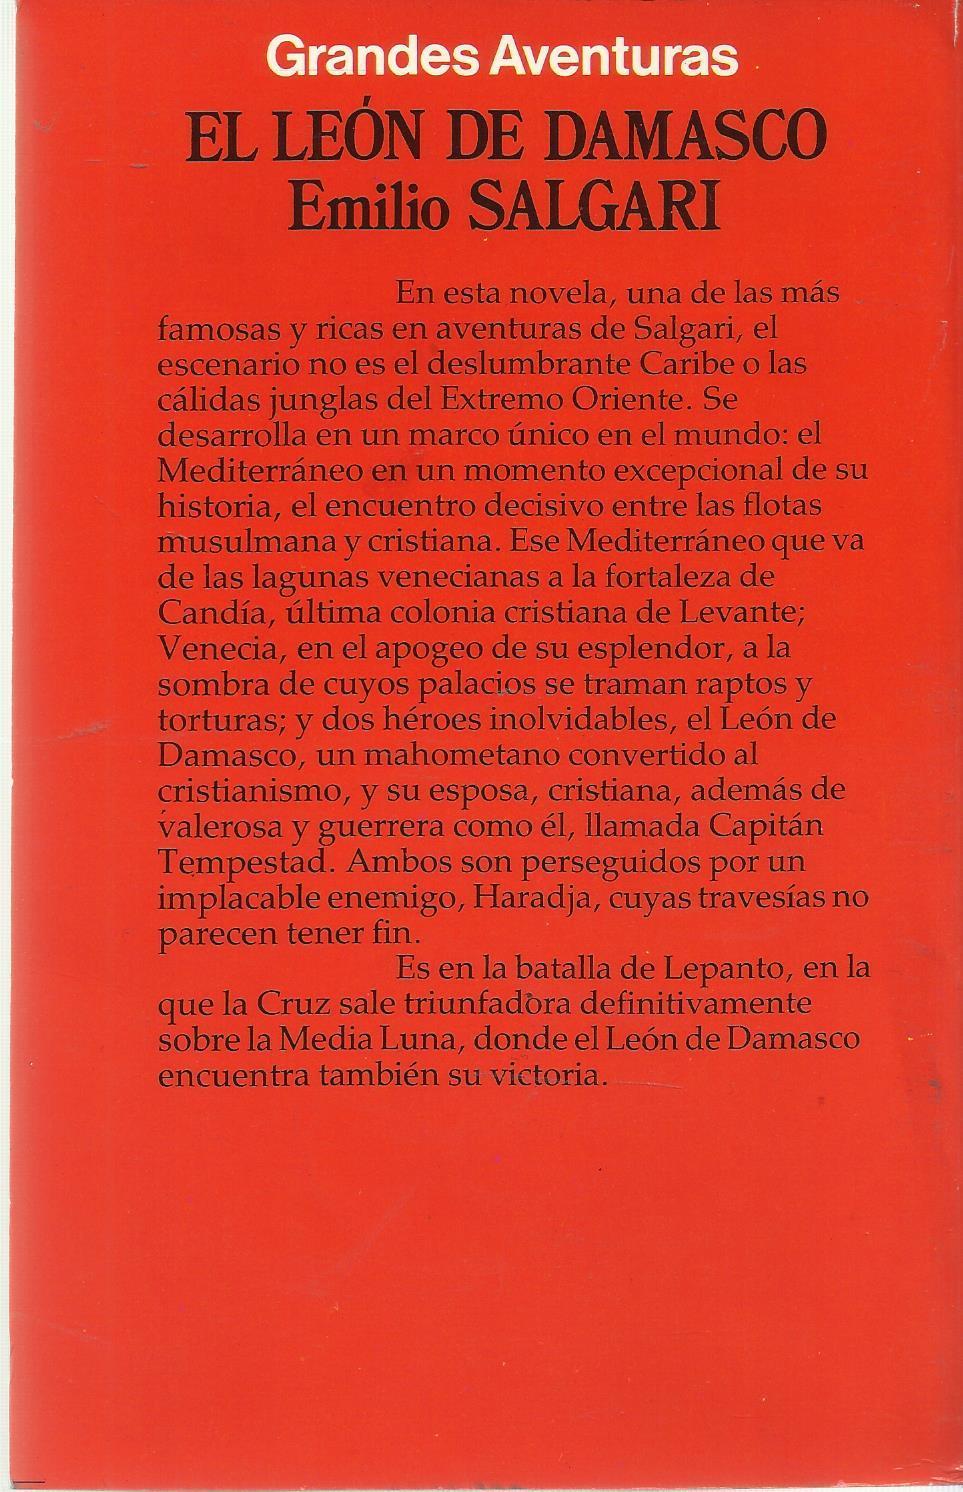 El leon de Damasco de Emilio Salgari: EDICIONES FORUM, S.A. ...